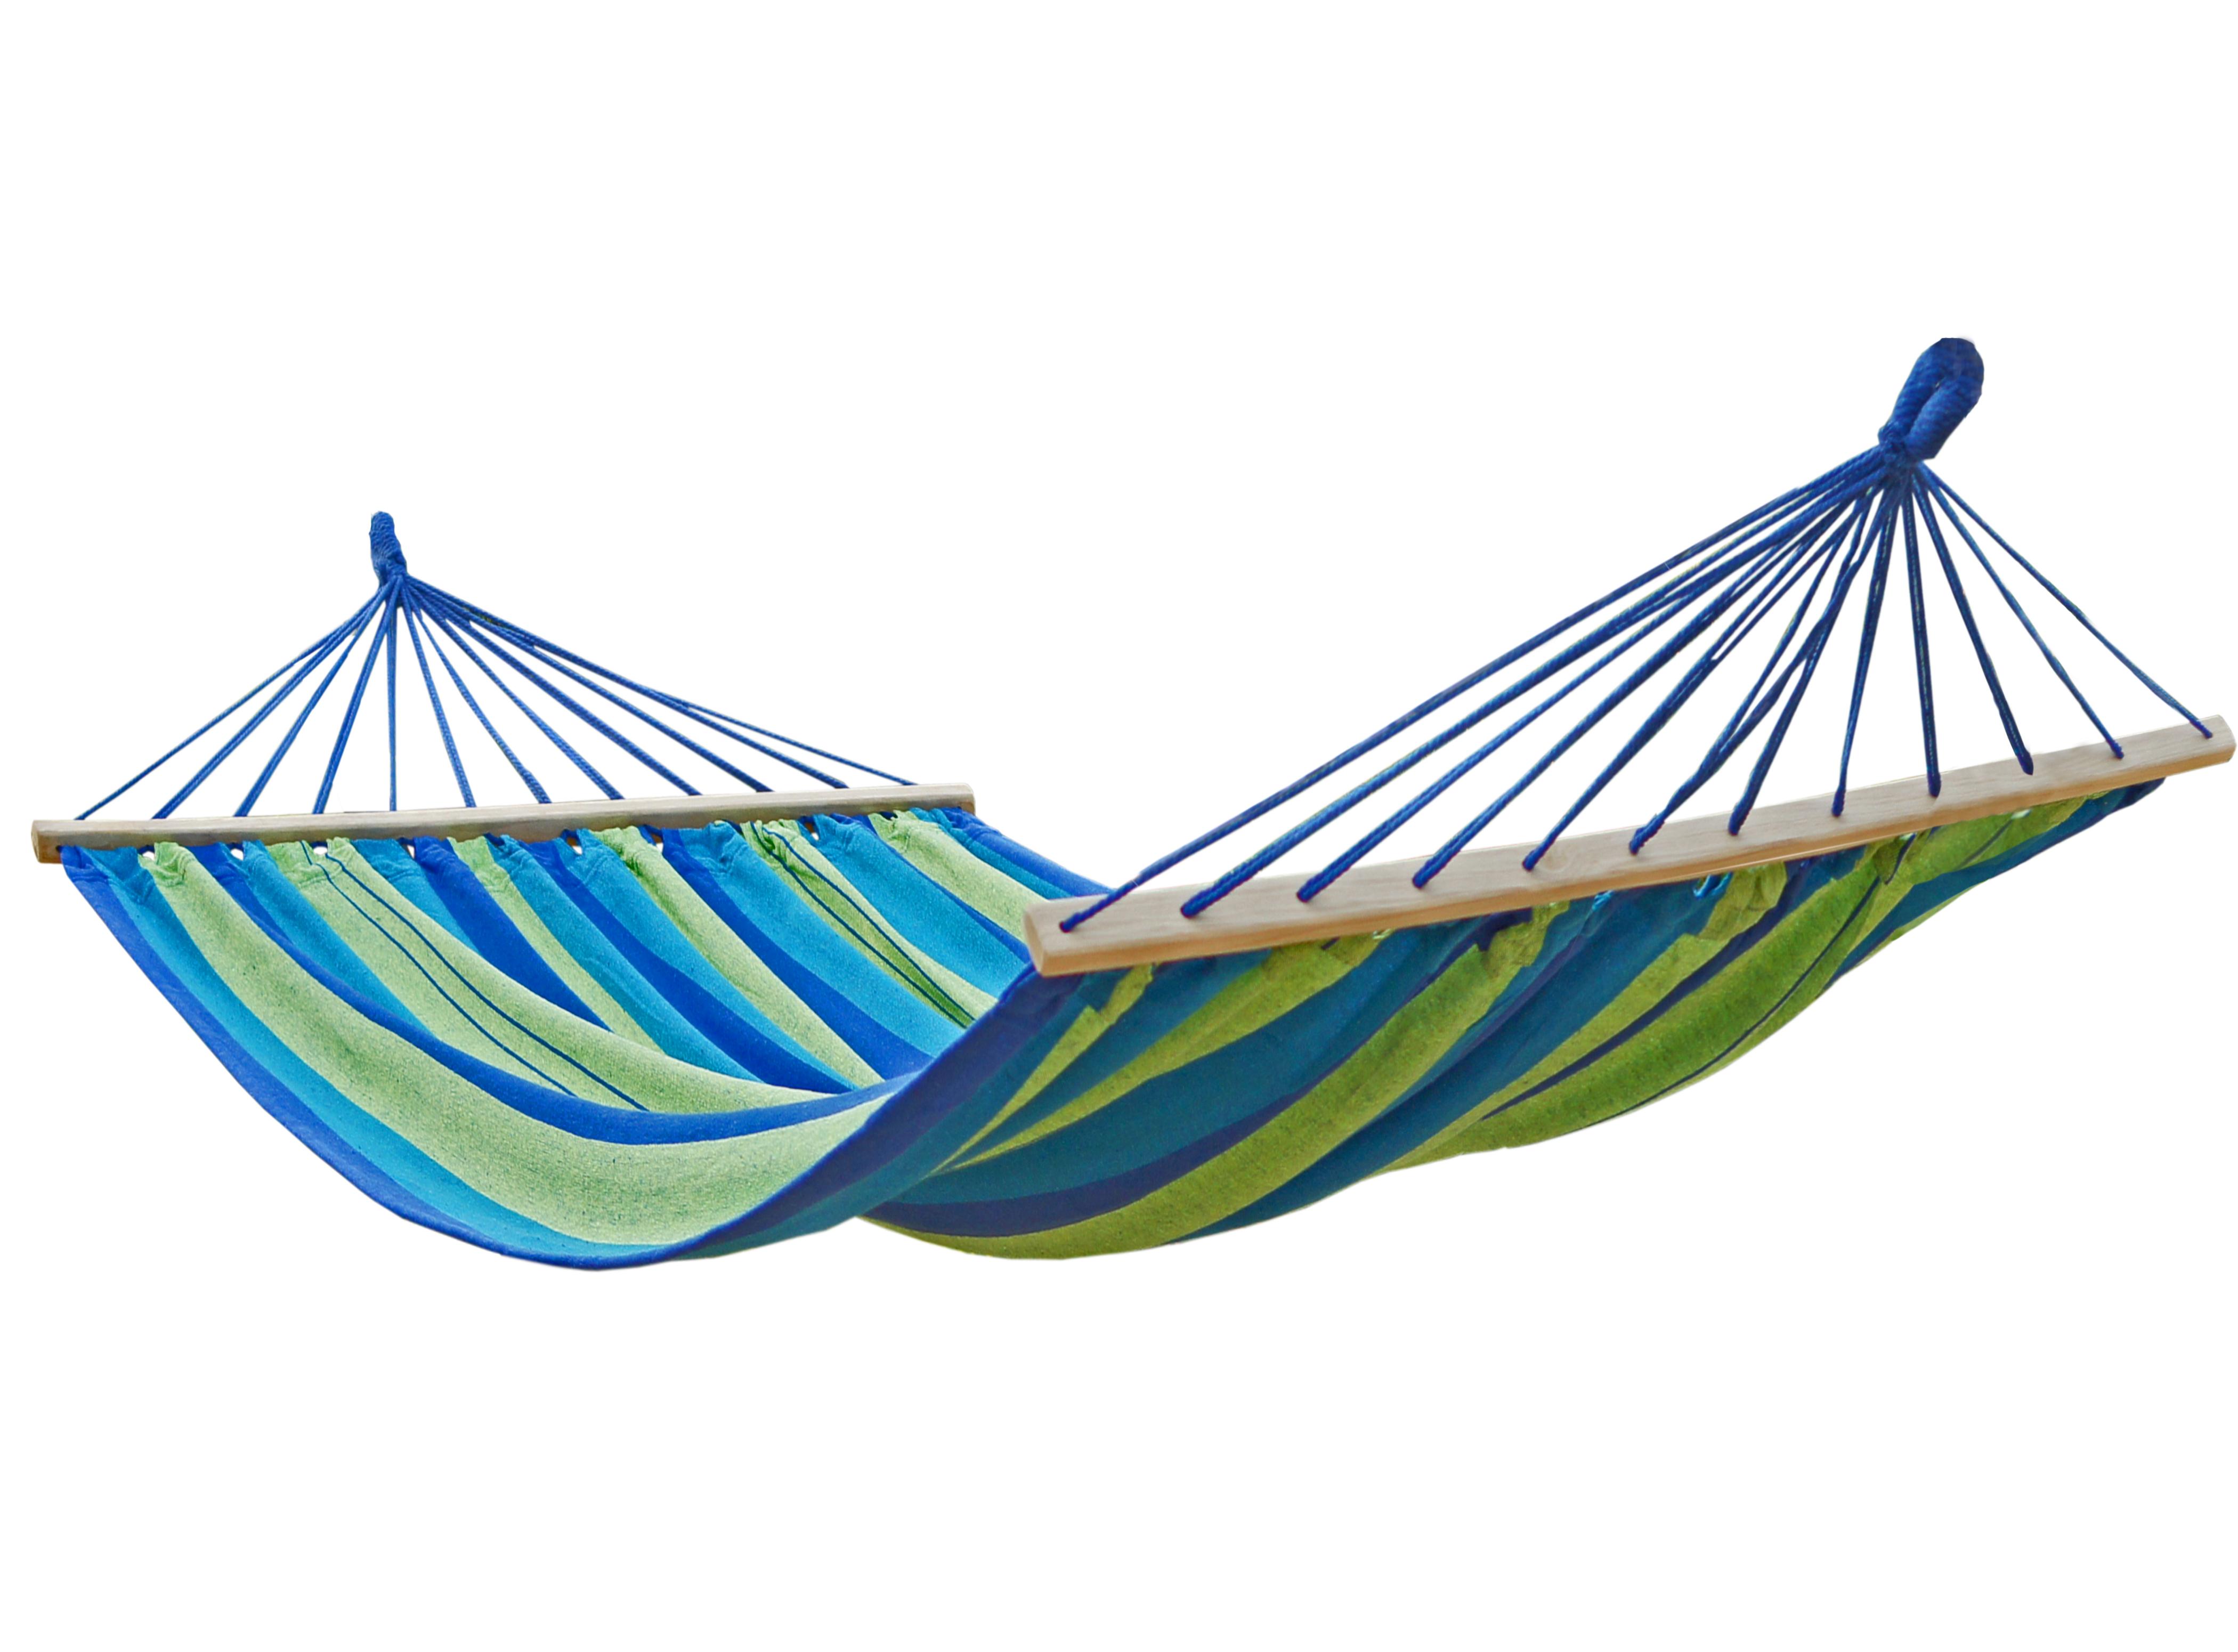 Hängematte aus Baumwolle - blau